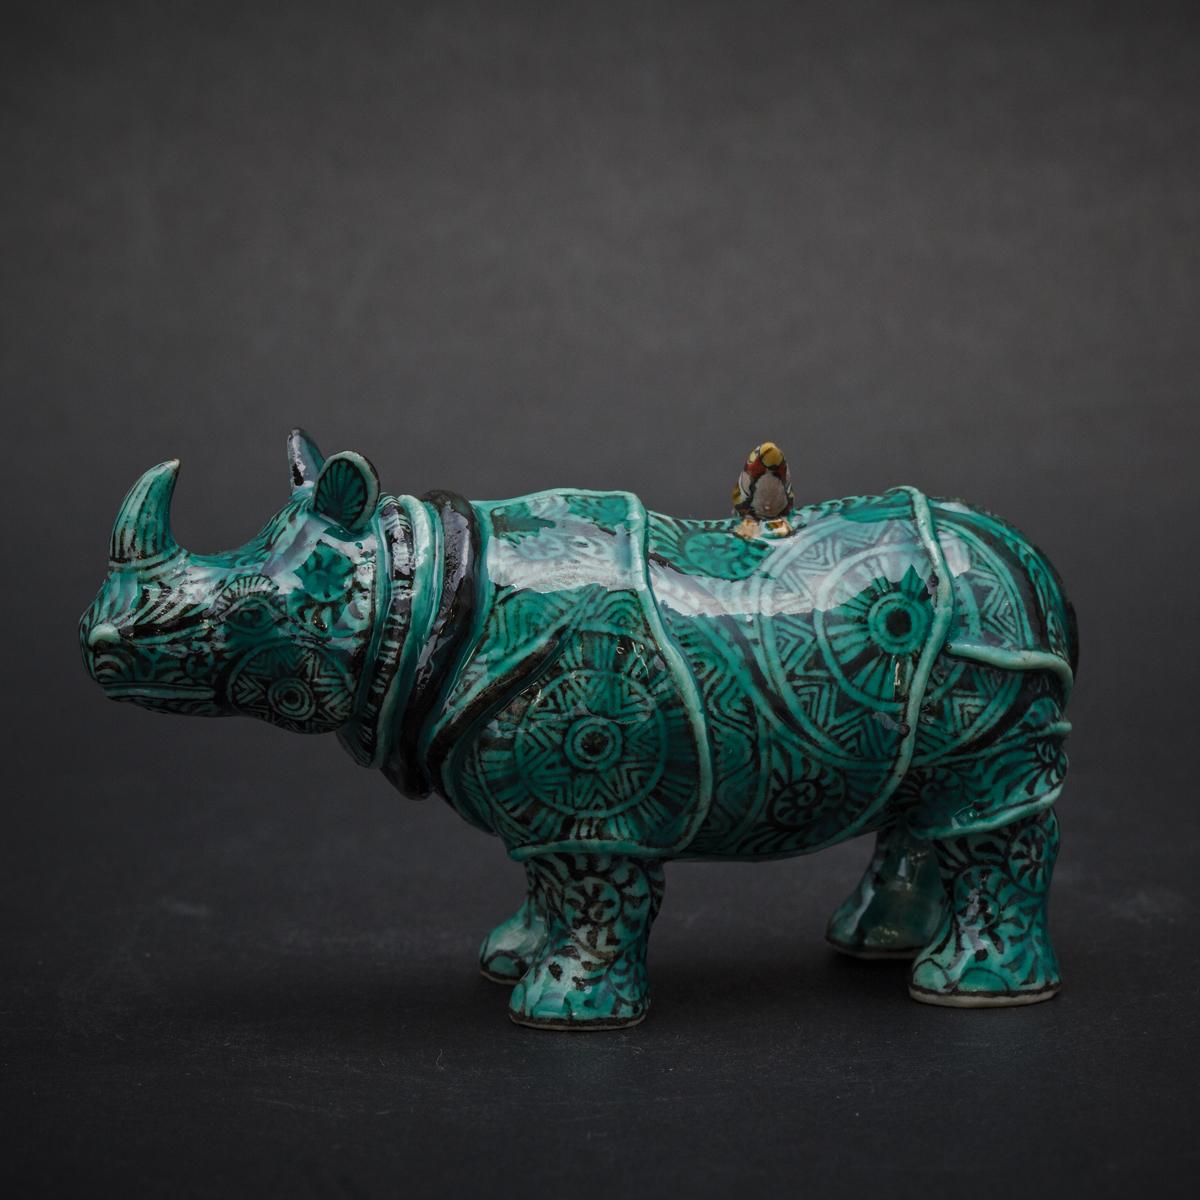 Small Green Rhino by Kensuke Fujiyoshi